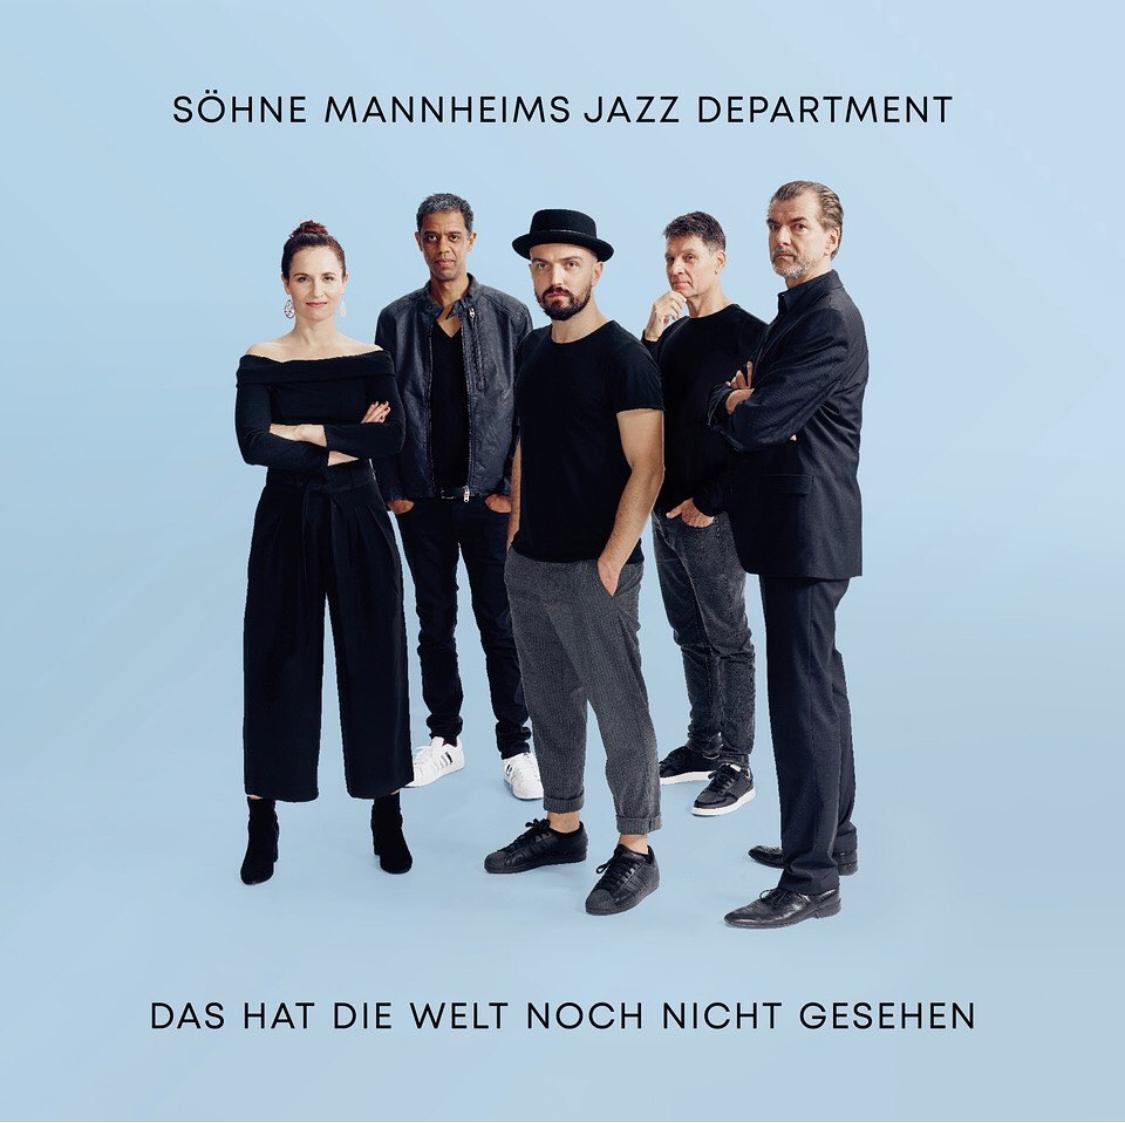 Söhne Mannheims Jazz Department - Das Hat Die Welt Noch Nicht Gesehen